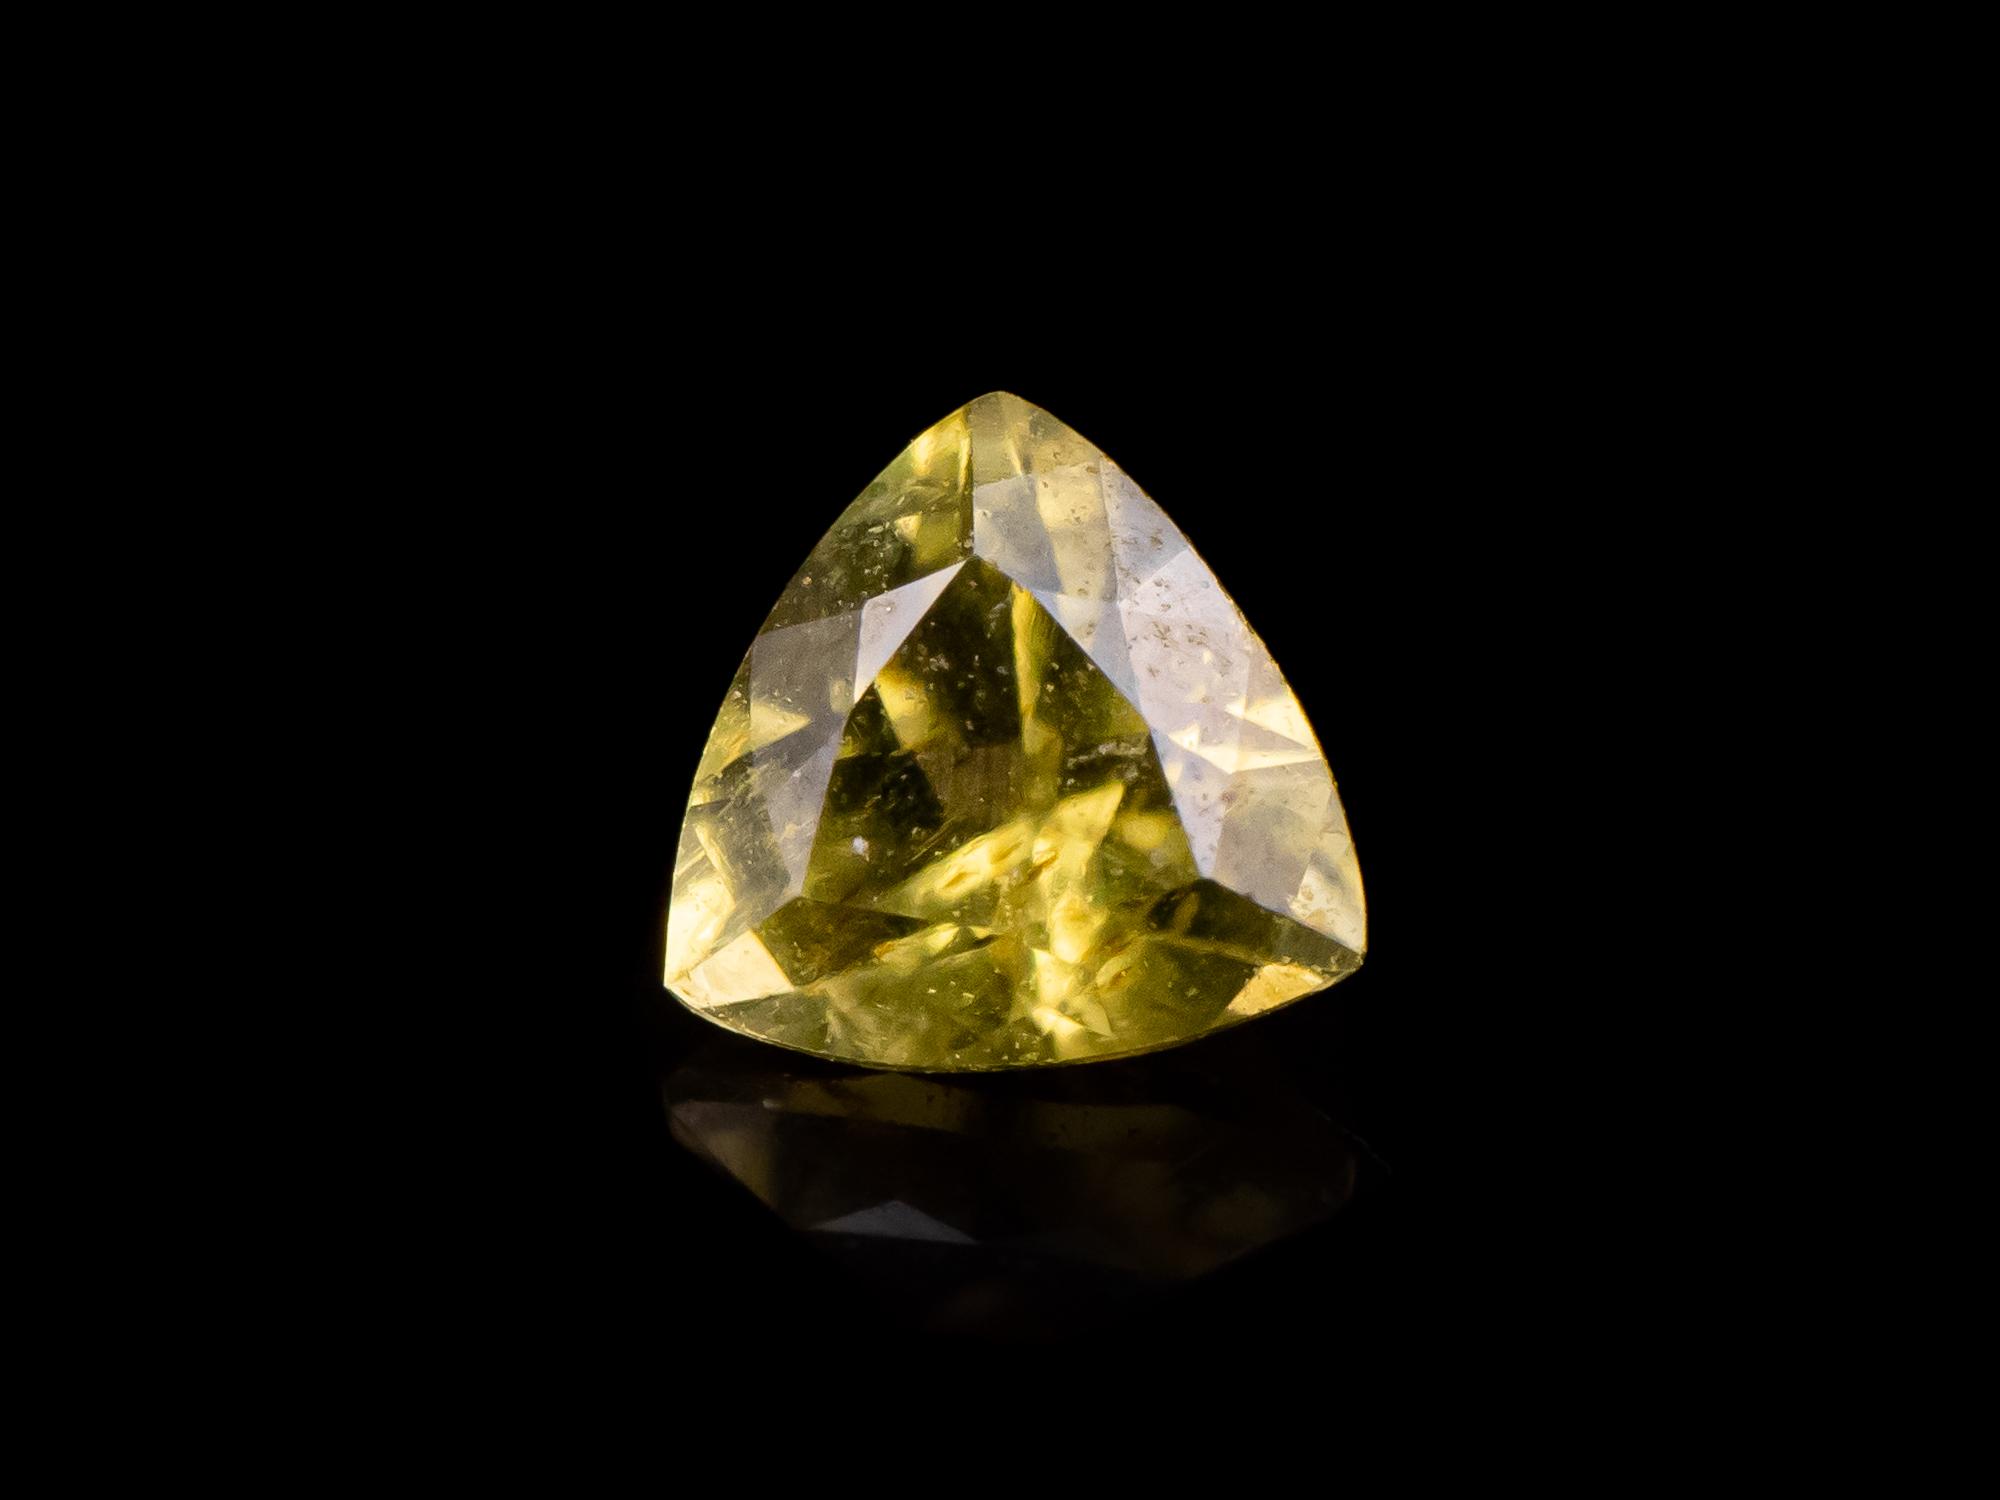 triangular shaped palladot